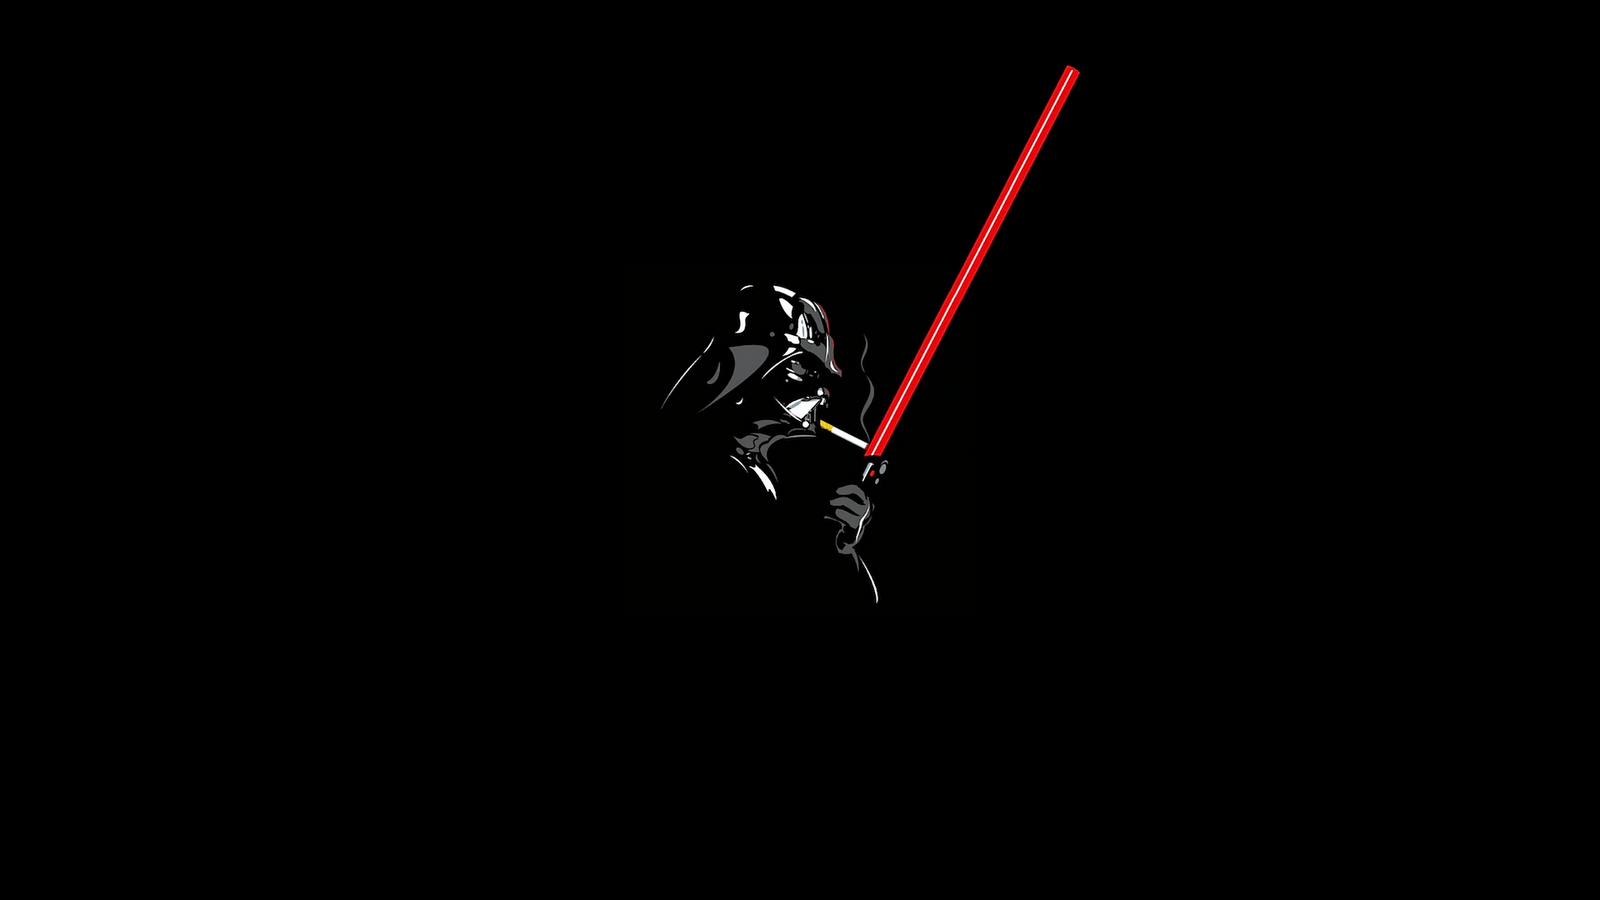 HD Star Wars Wallpapers 1600x900